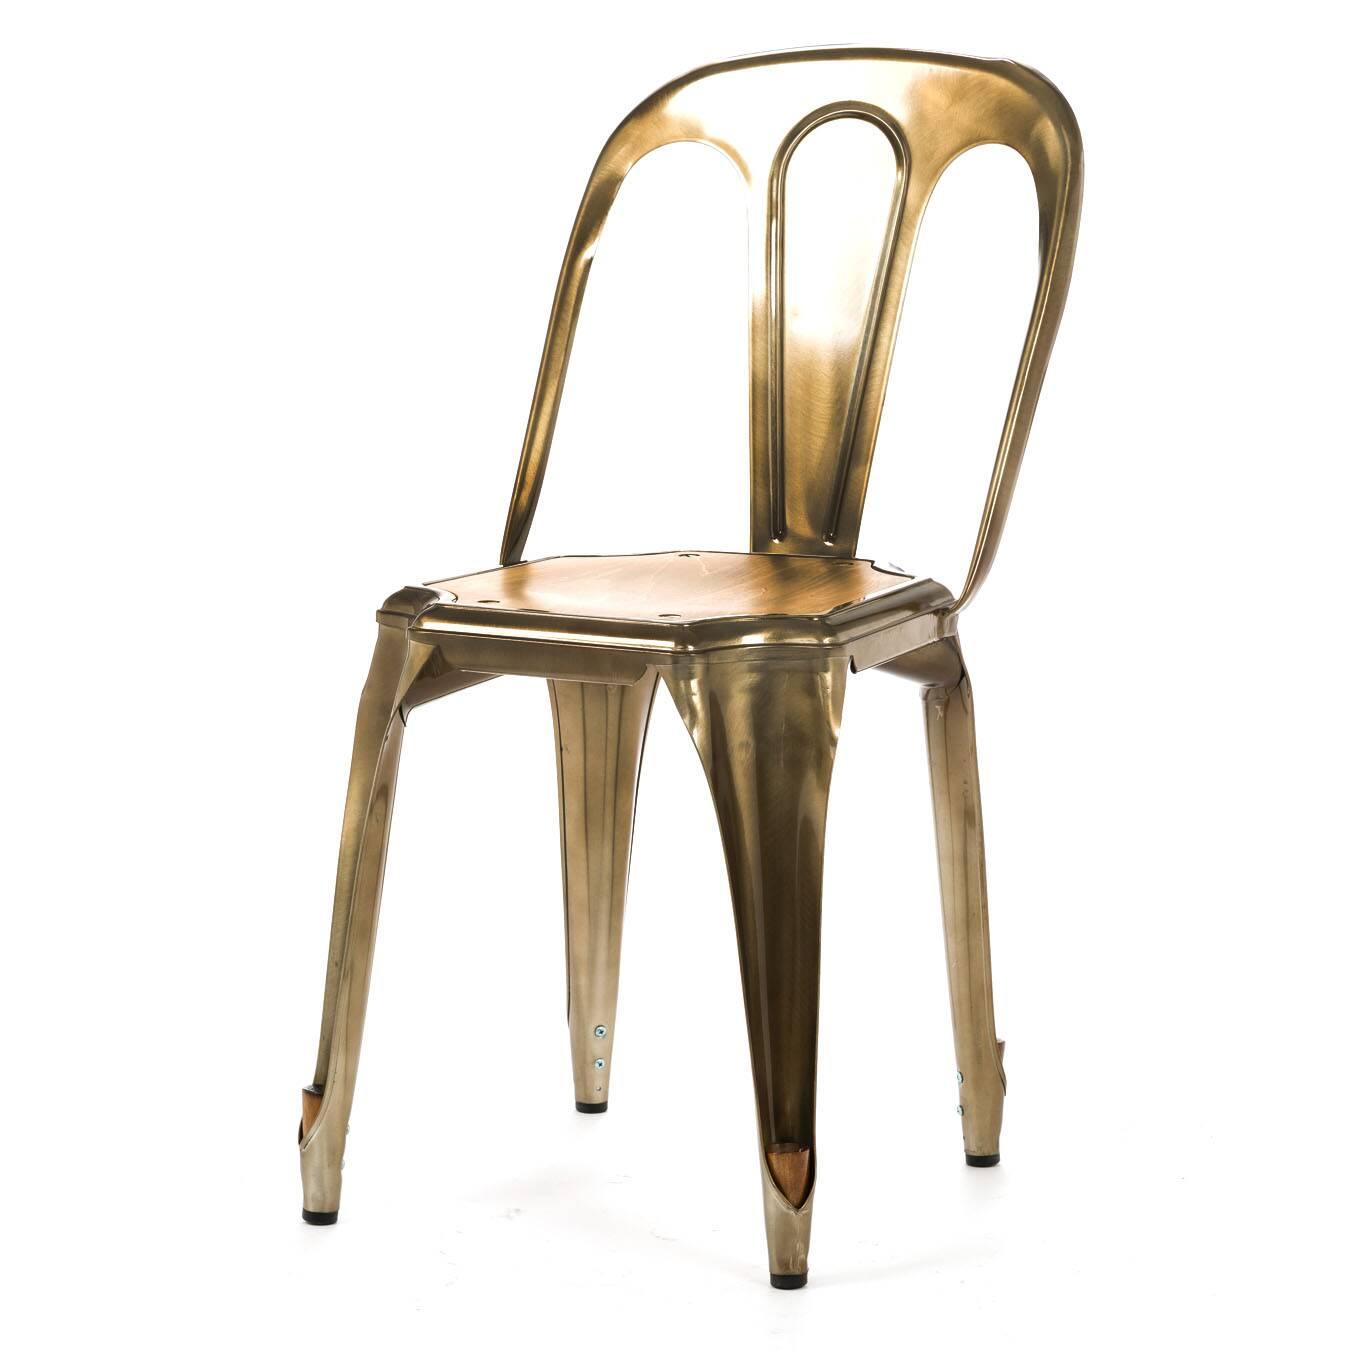 Стул Marais Vintage WoodИнтерьерные<br>Дизайнерский легкий стул Marais Vintage Wood (Мэрейс Винтаж Вуд) из стали простой формы с металлическим цветом от Cosmo (Космо).<br><br> Стул Marais Vintage Wood сочетает в себе черты, которые должны быть у каждого предмета мебели: максимум комфорта, универсальности, практичности и оригинальный дизайн. Такая мебель никогда не выходит из моды, став ее неотъемлемой частью. Вы можете поставить этот стул в офисном лофте, а можете выбрать его для своей столовой в скандинавском стиле или для веранды на...<br><br>stock: 7<br>Высота: 80<br>Высота сиденья: 45<br>Ширина: 42<br>Глубина: 53<br>Тип материала каркаса: Сталь<br>Материал сидения: Массив дуба<br>Цвет сидения: Дуб<br>Тип материала сидения: Дерево<br>Цвет каркаса: Бронза пушечная